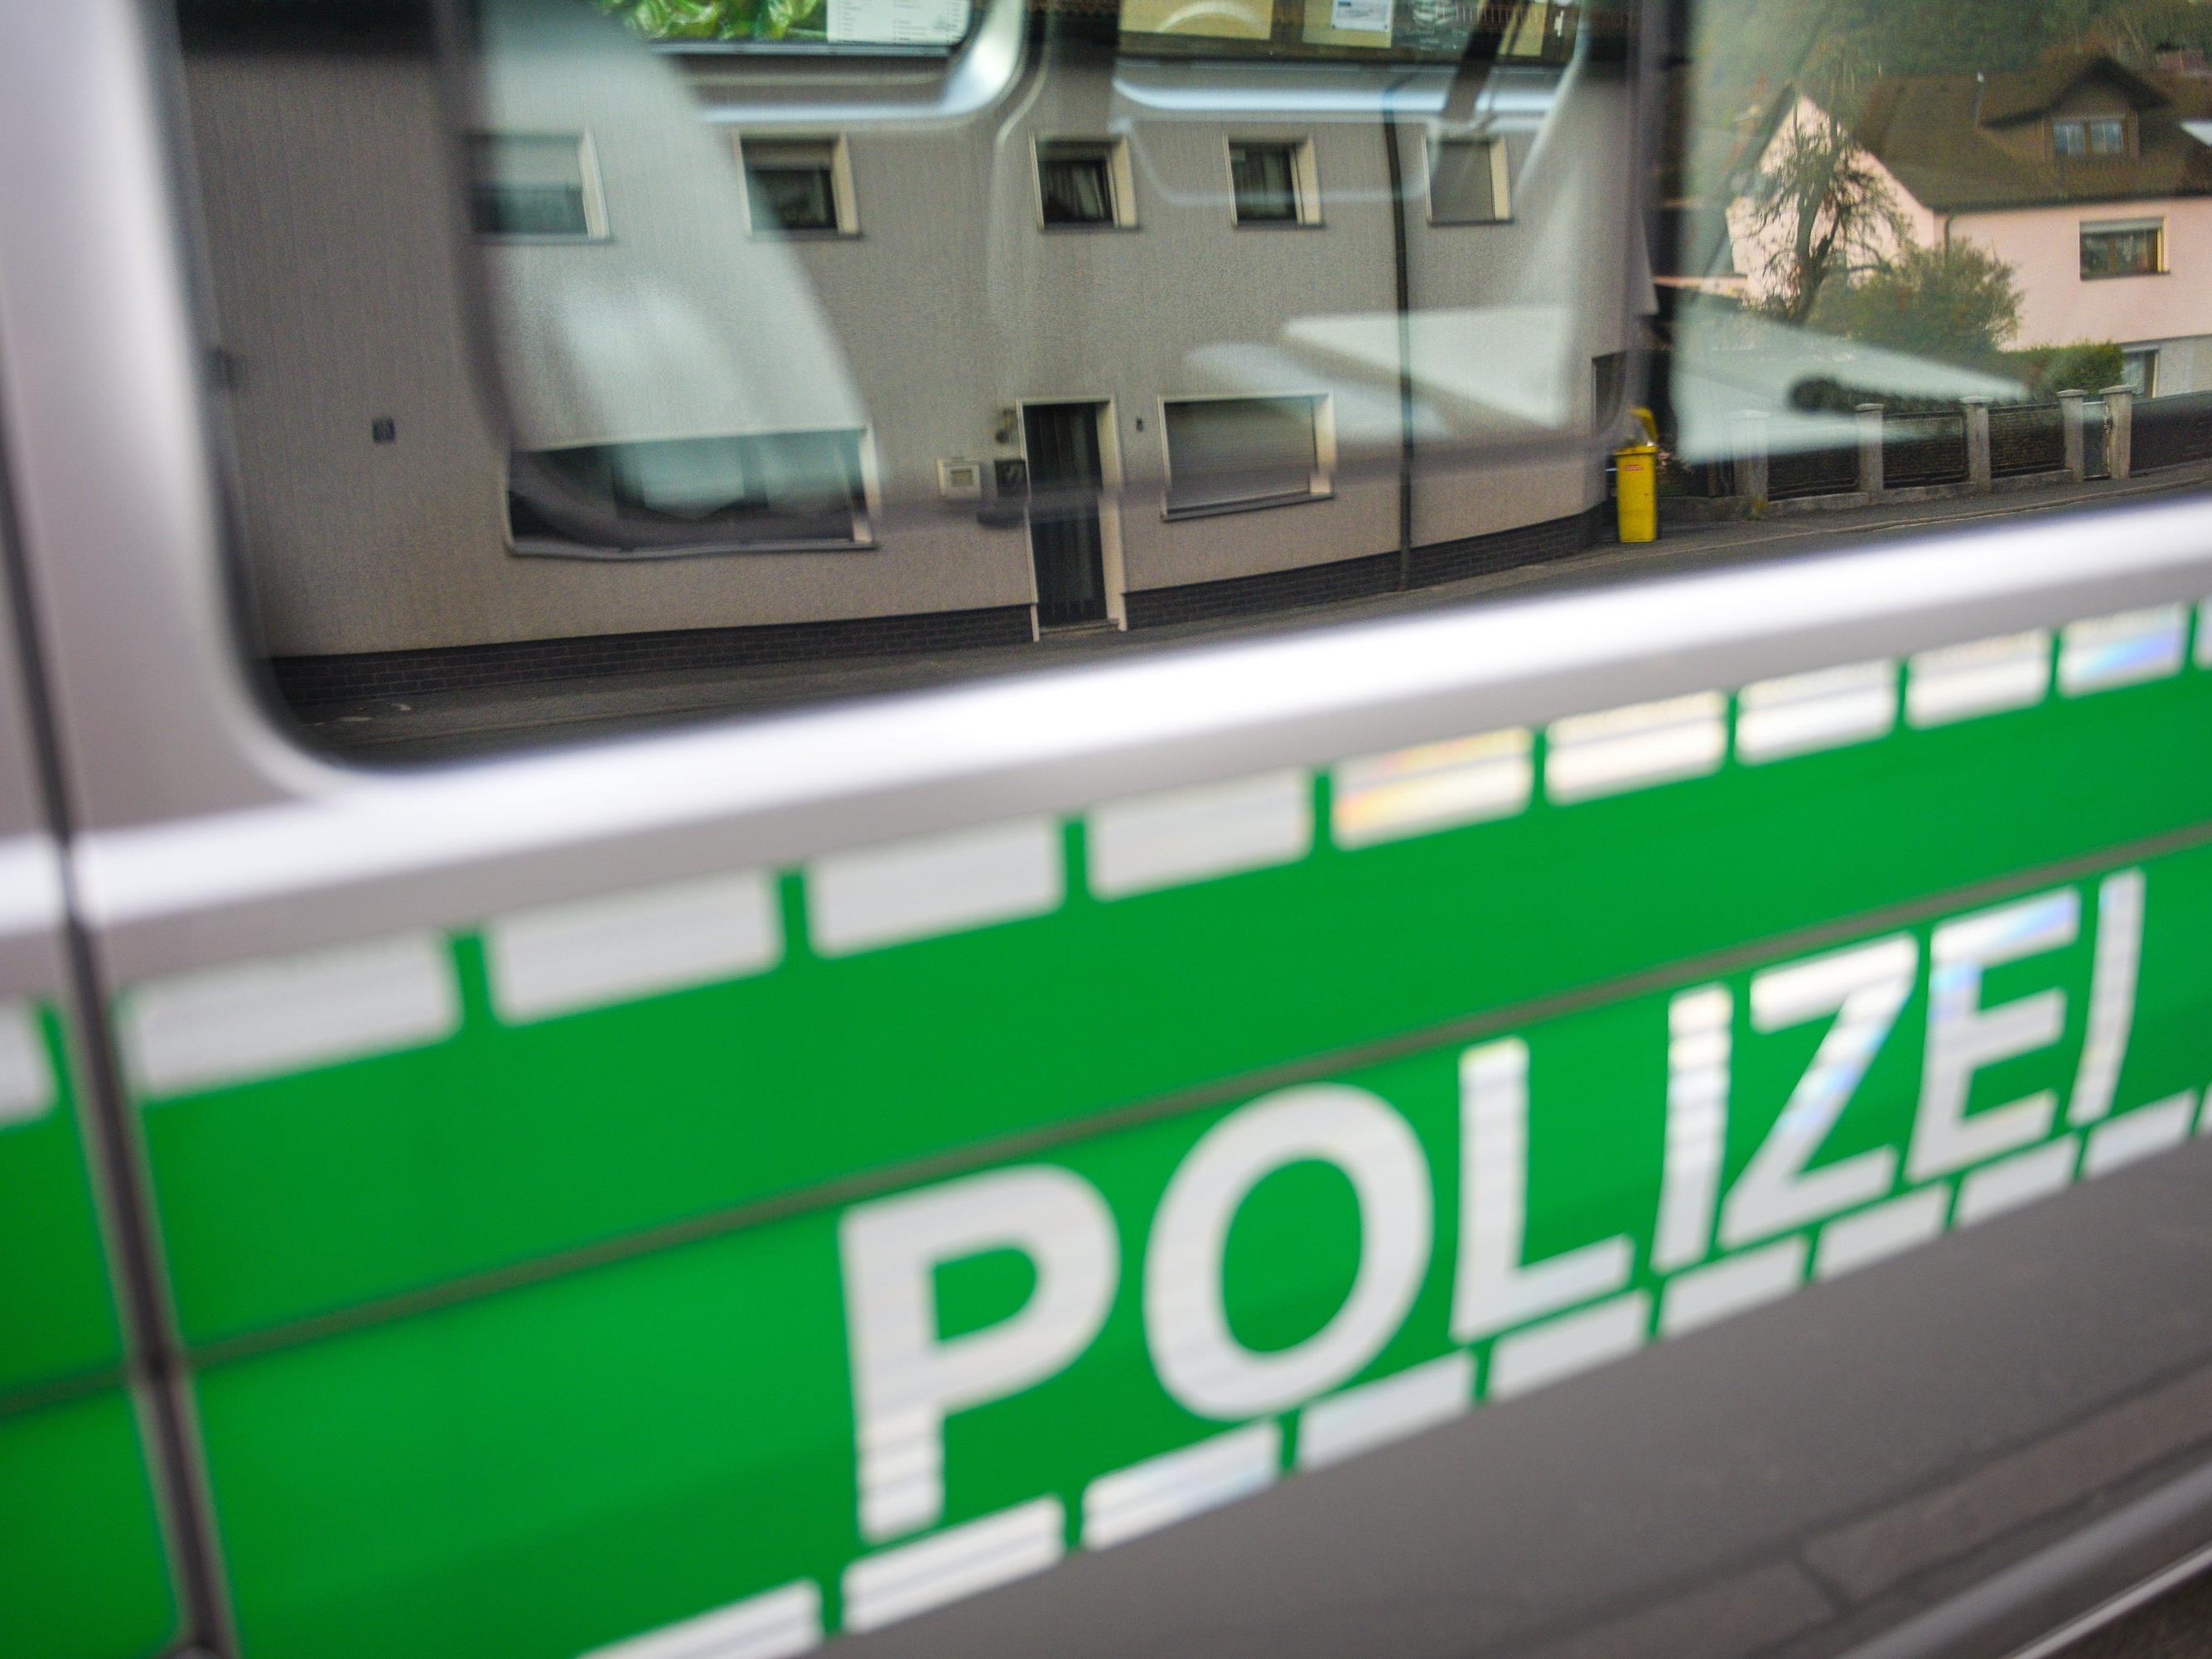 Die deutsche Polizei ermittelt wegen eines rechtsextremen Facebook-Postings.